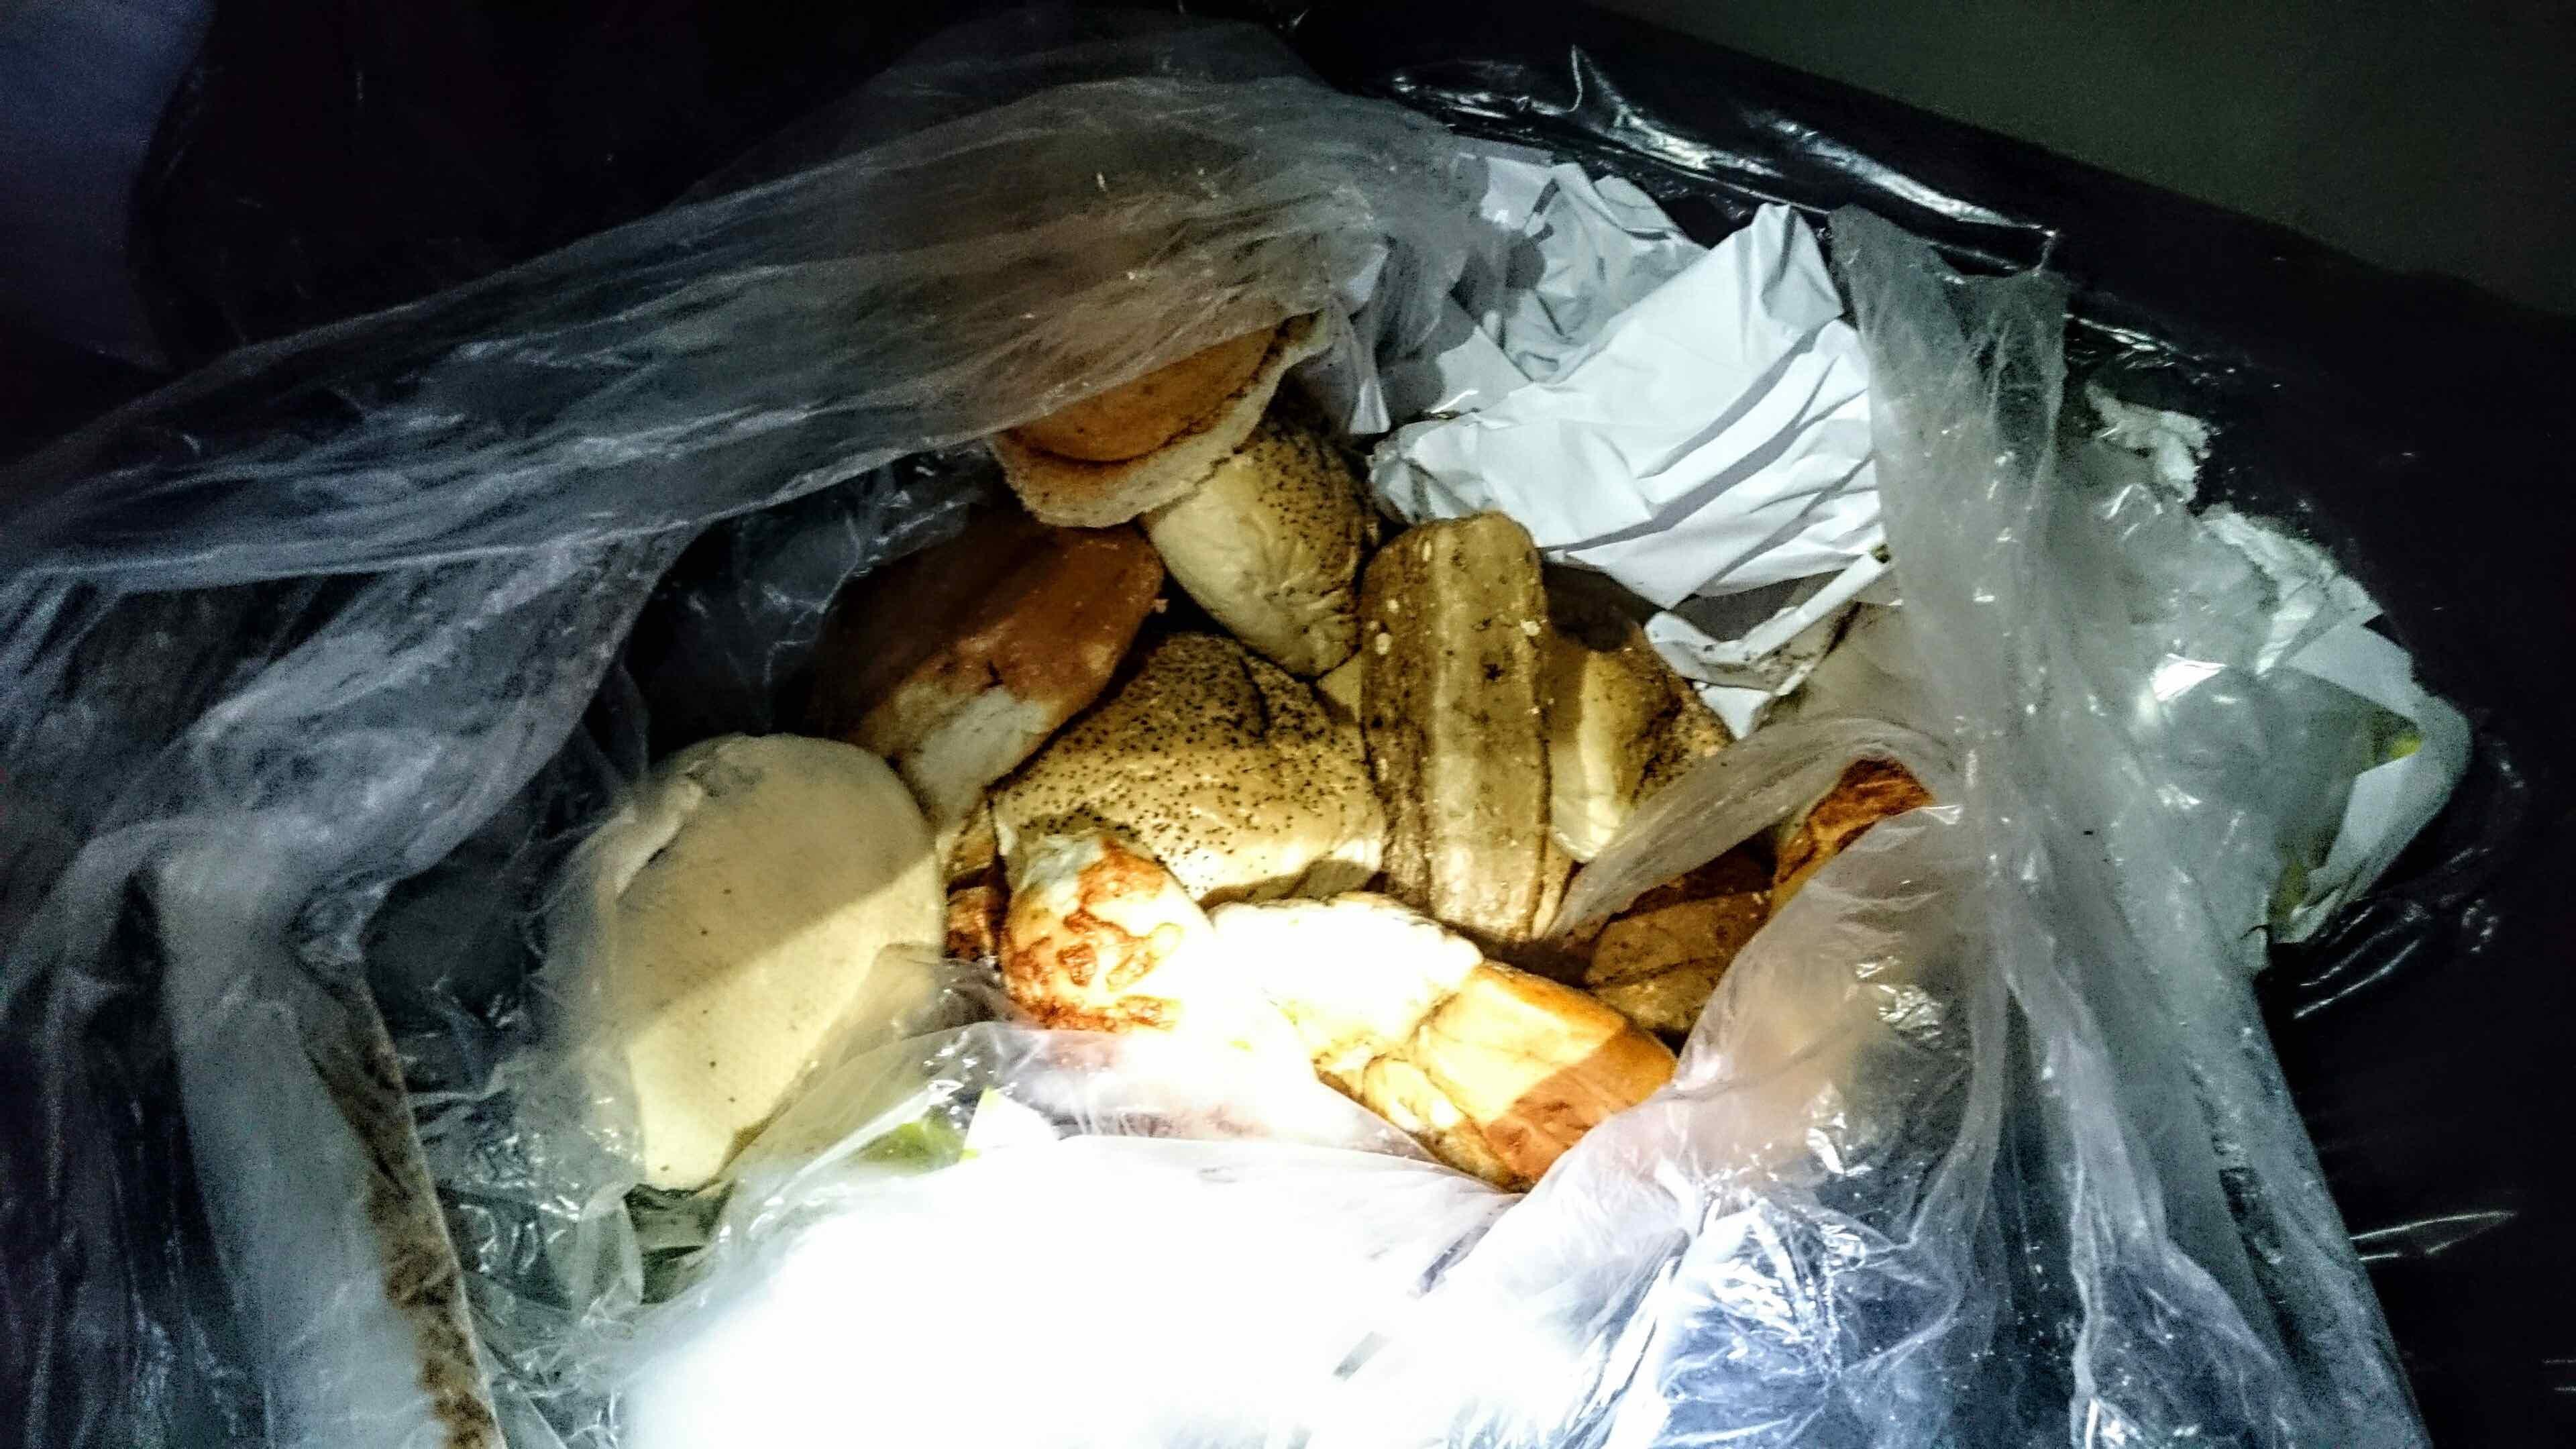 Svært så spiselig mat, men ikke så fristende der det lå litt for åpent sammen med annet søppel.